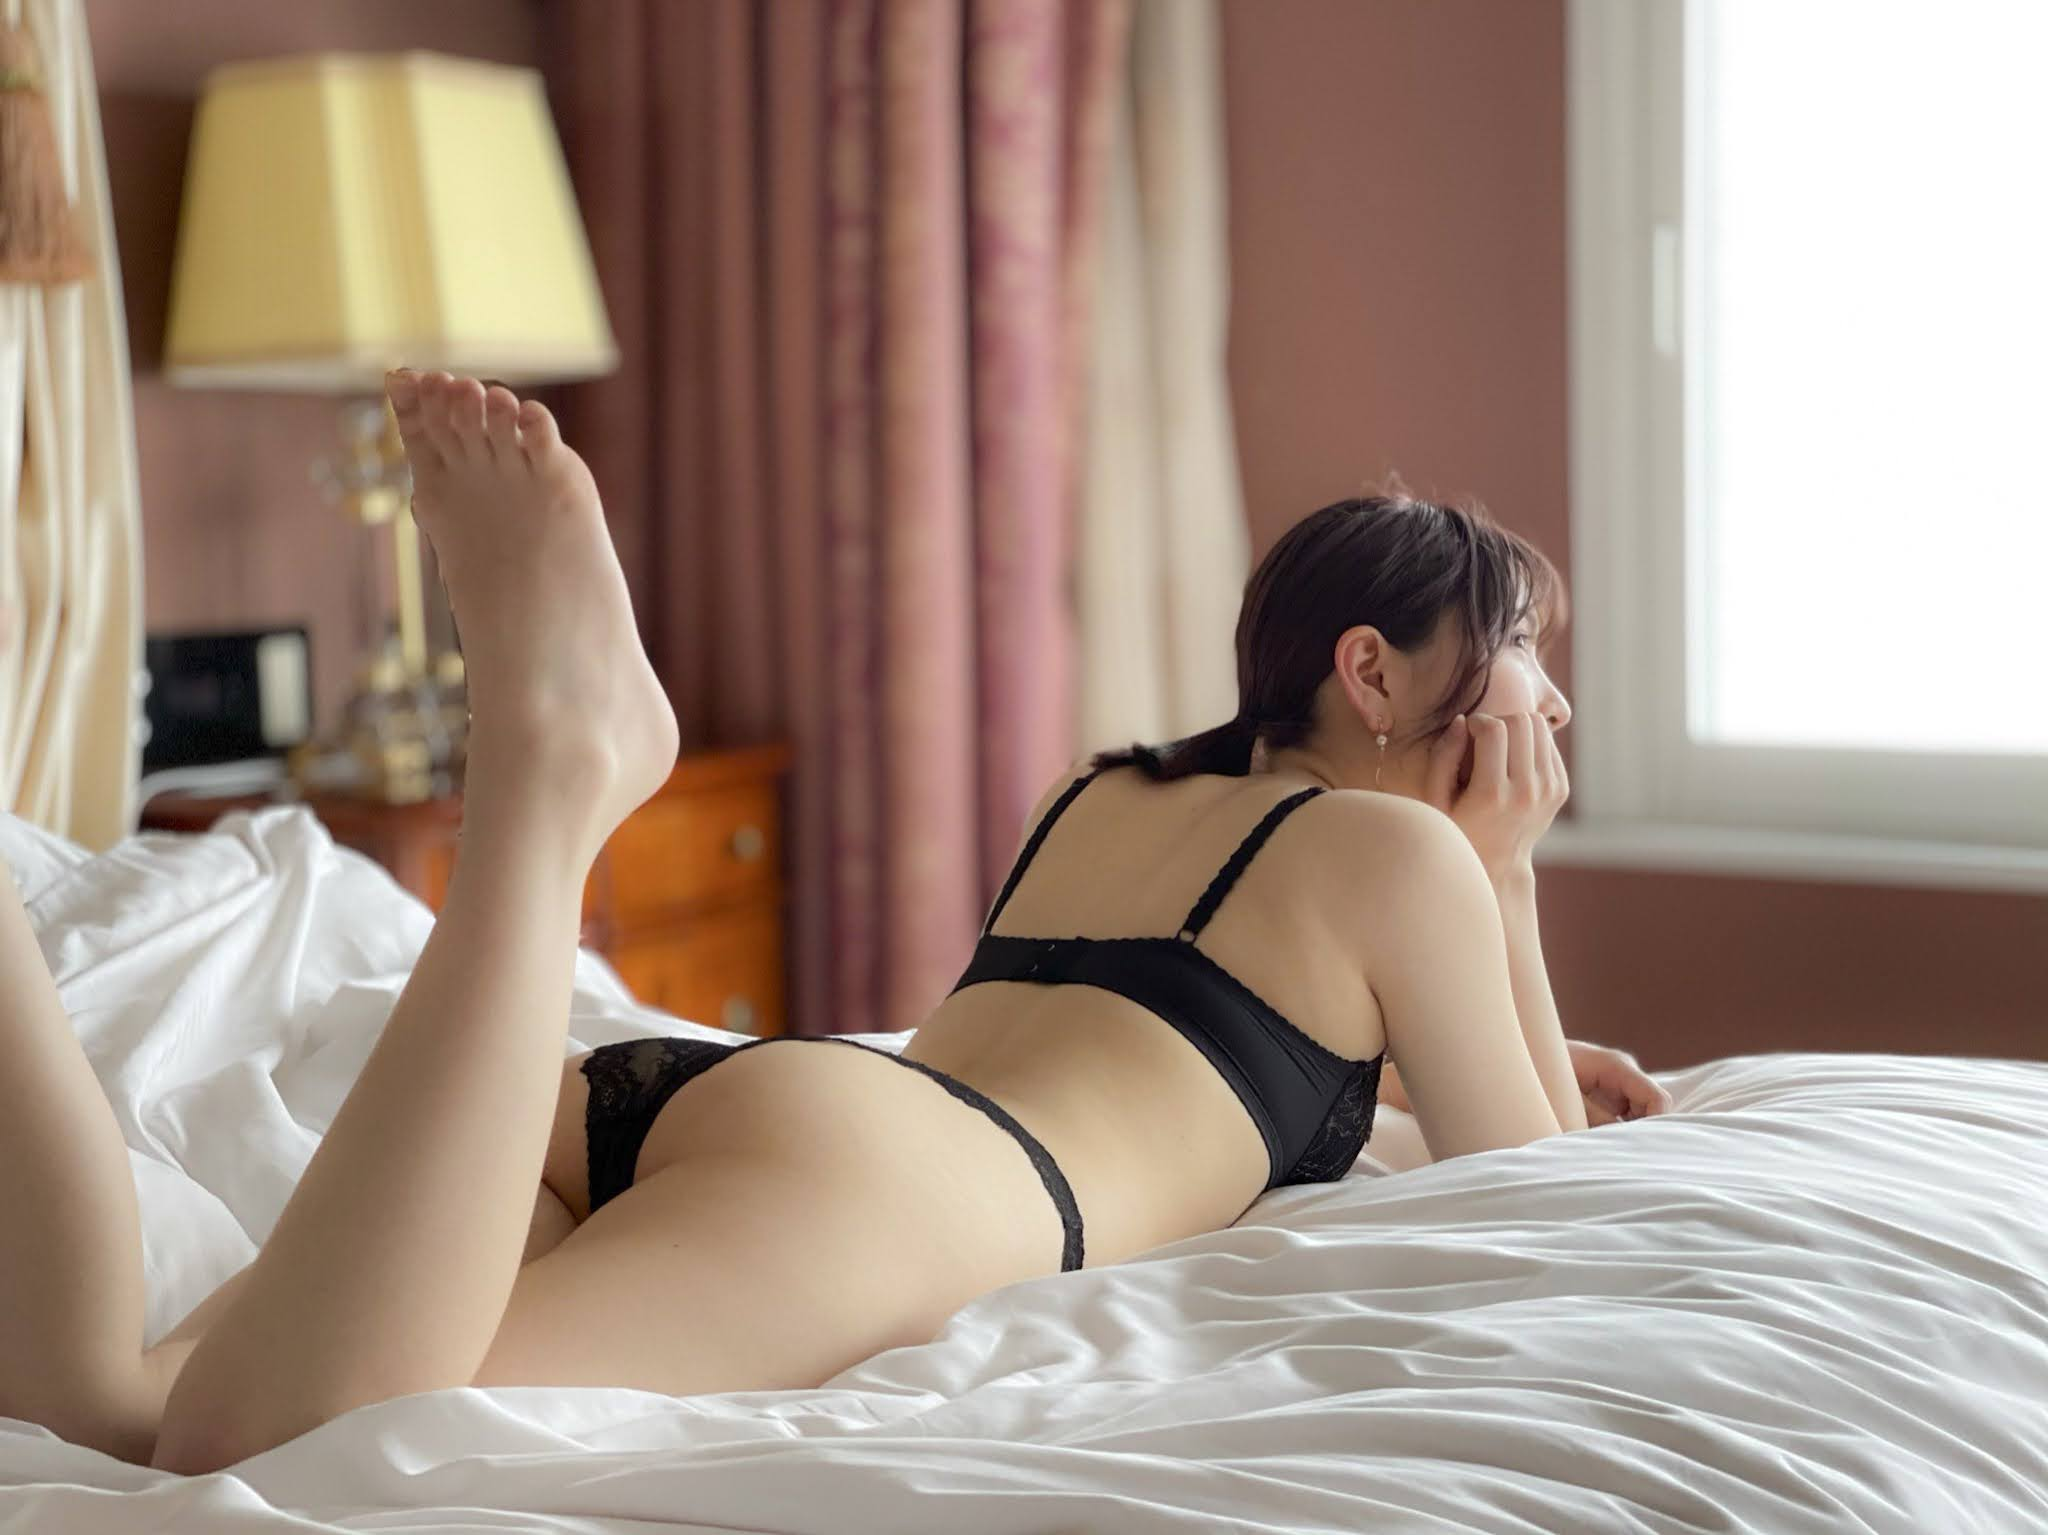 선이 고운 일본녀 - 짤티비